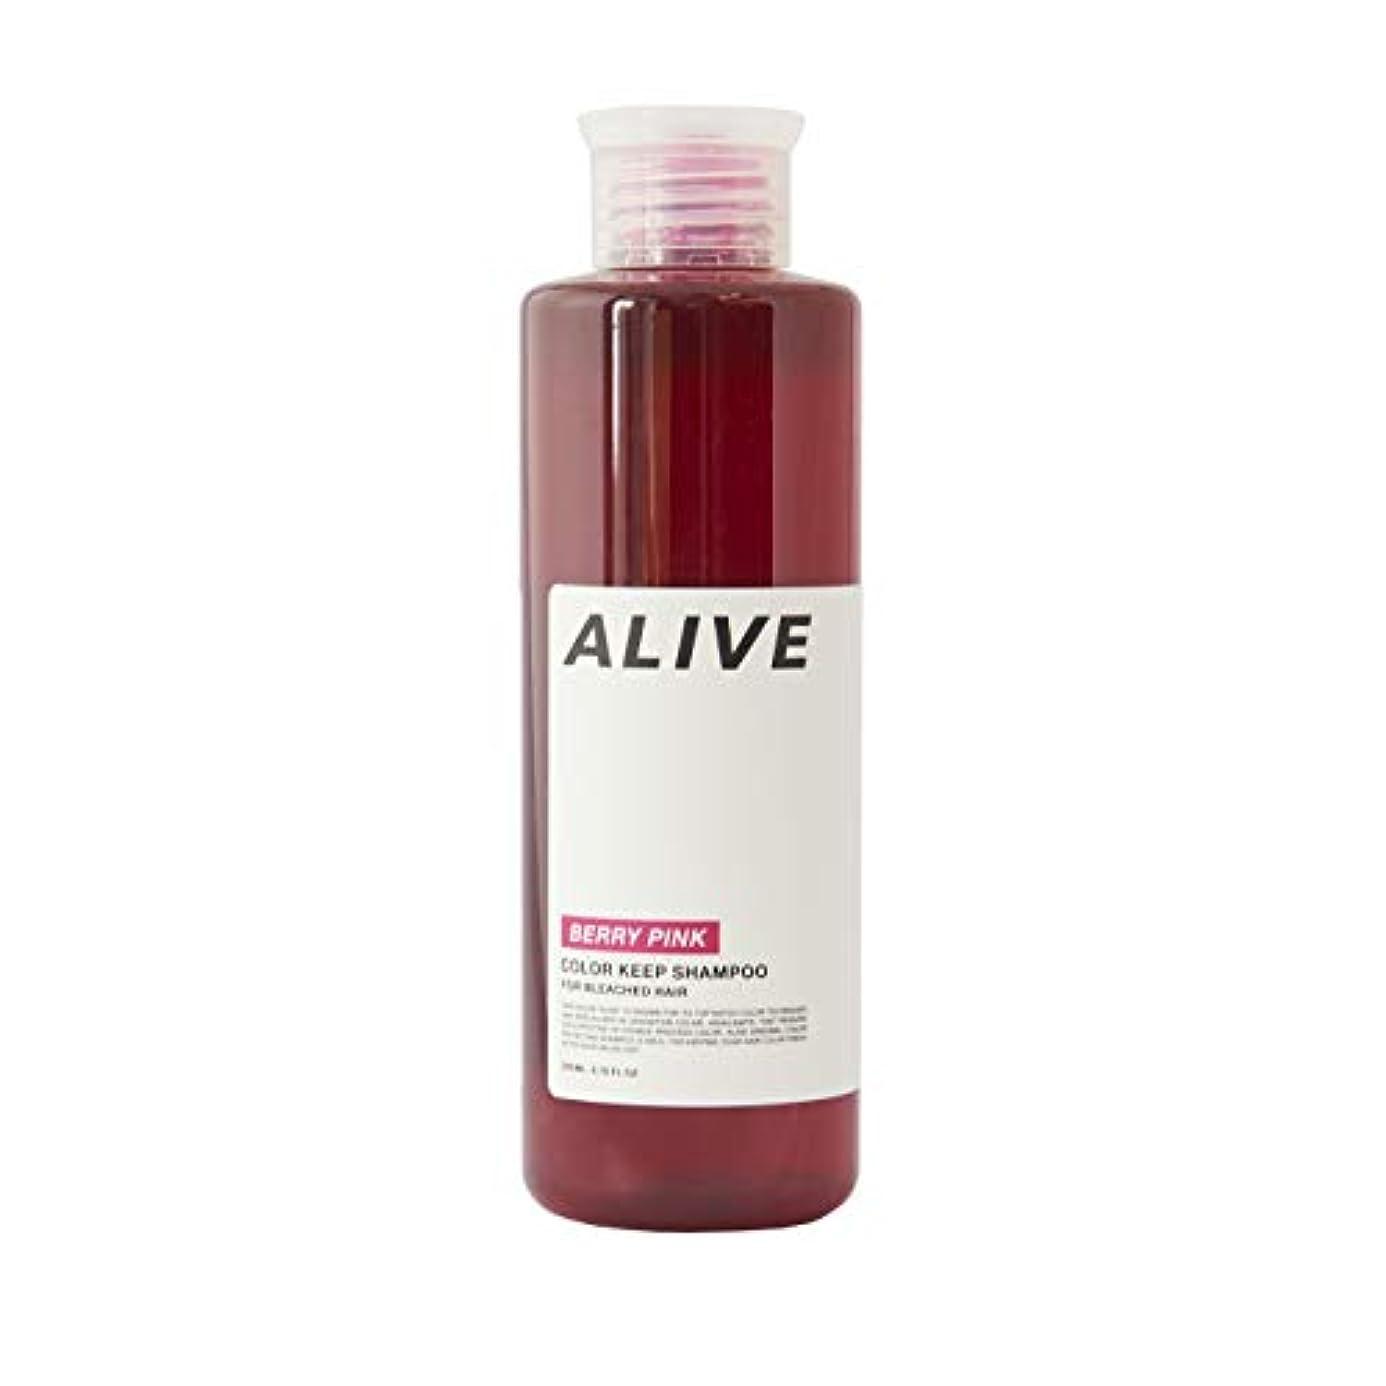 洗練された水素コンドームALIVE アライブ カラーシャンプー 極濃ベリーピンクシャンプー ムラシャン レッドシャンプー 赤 200ml